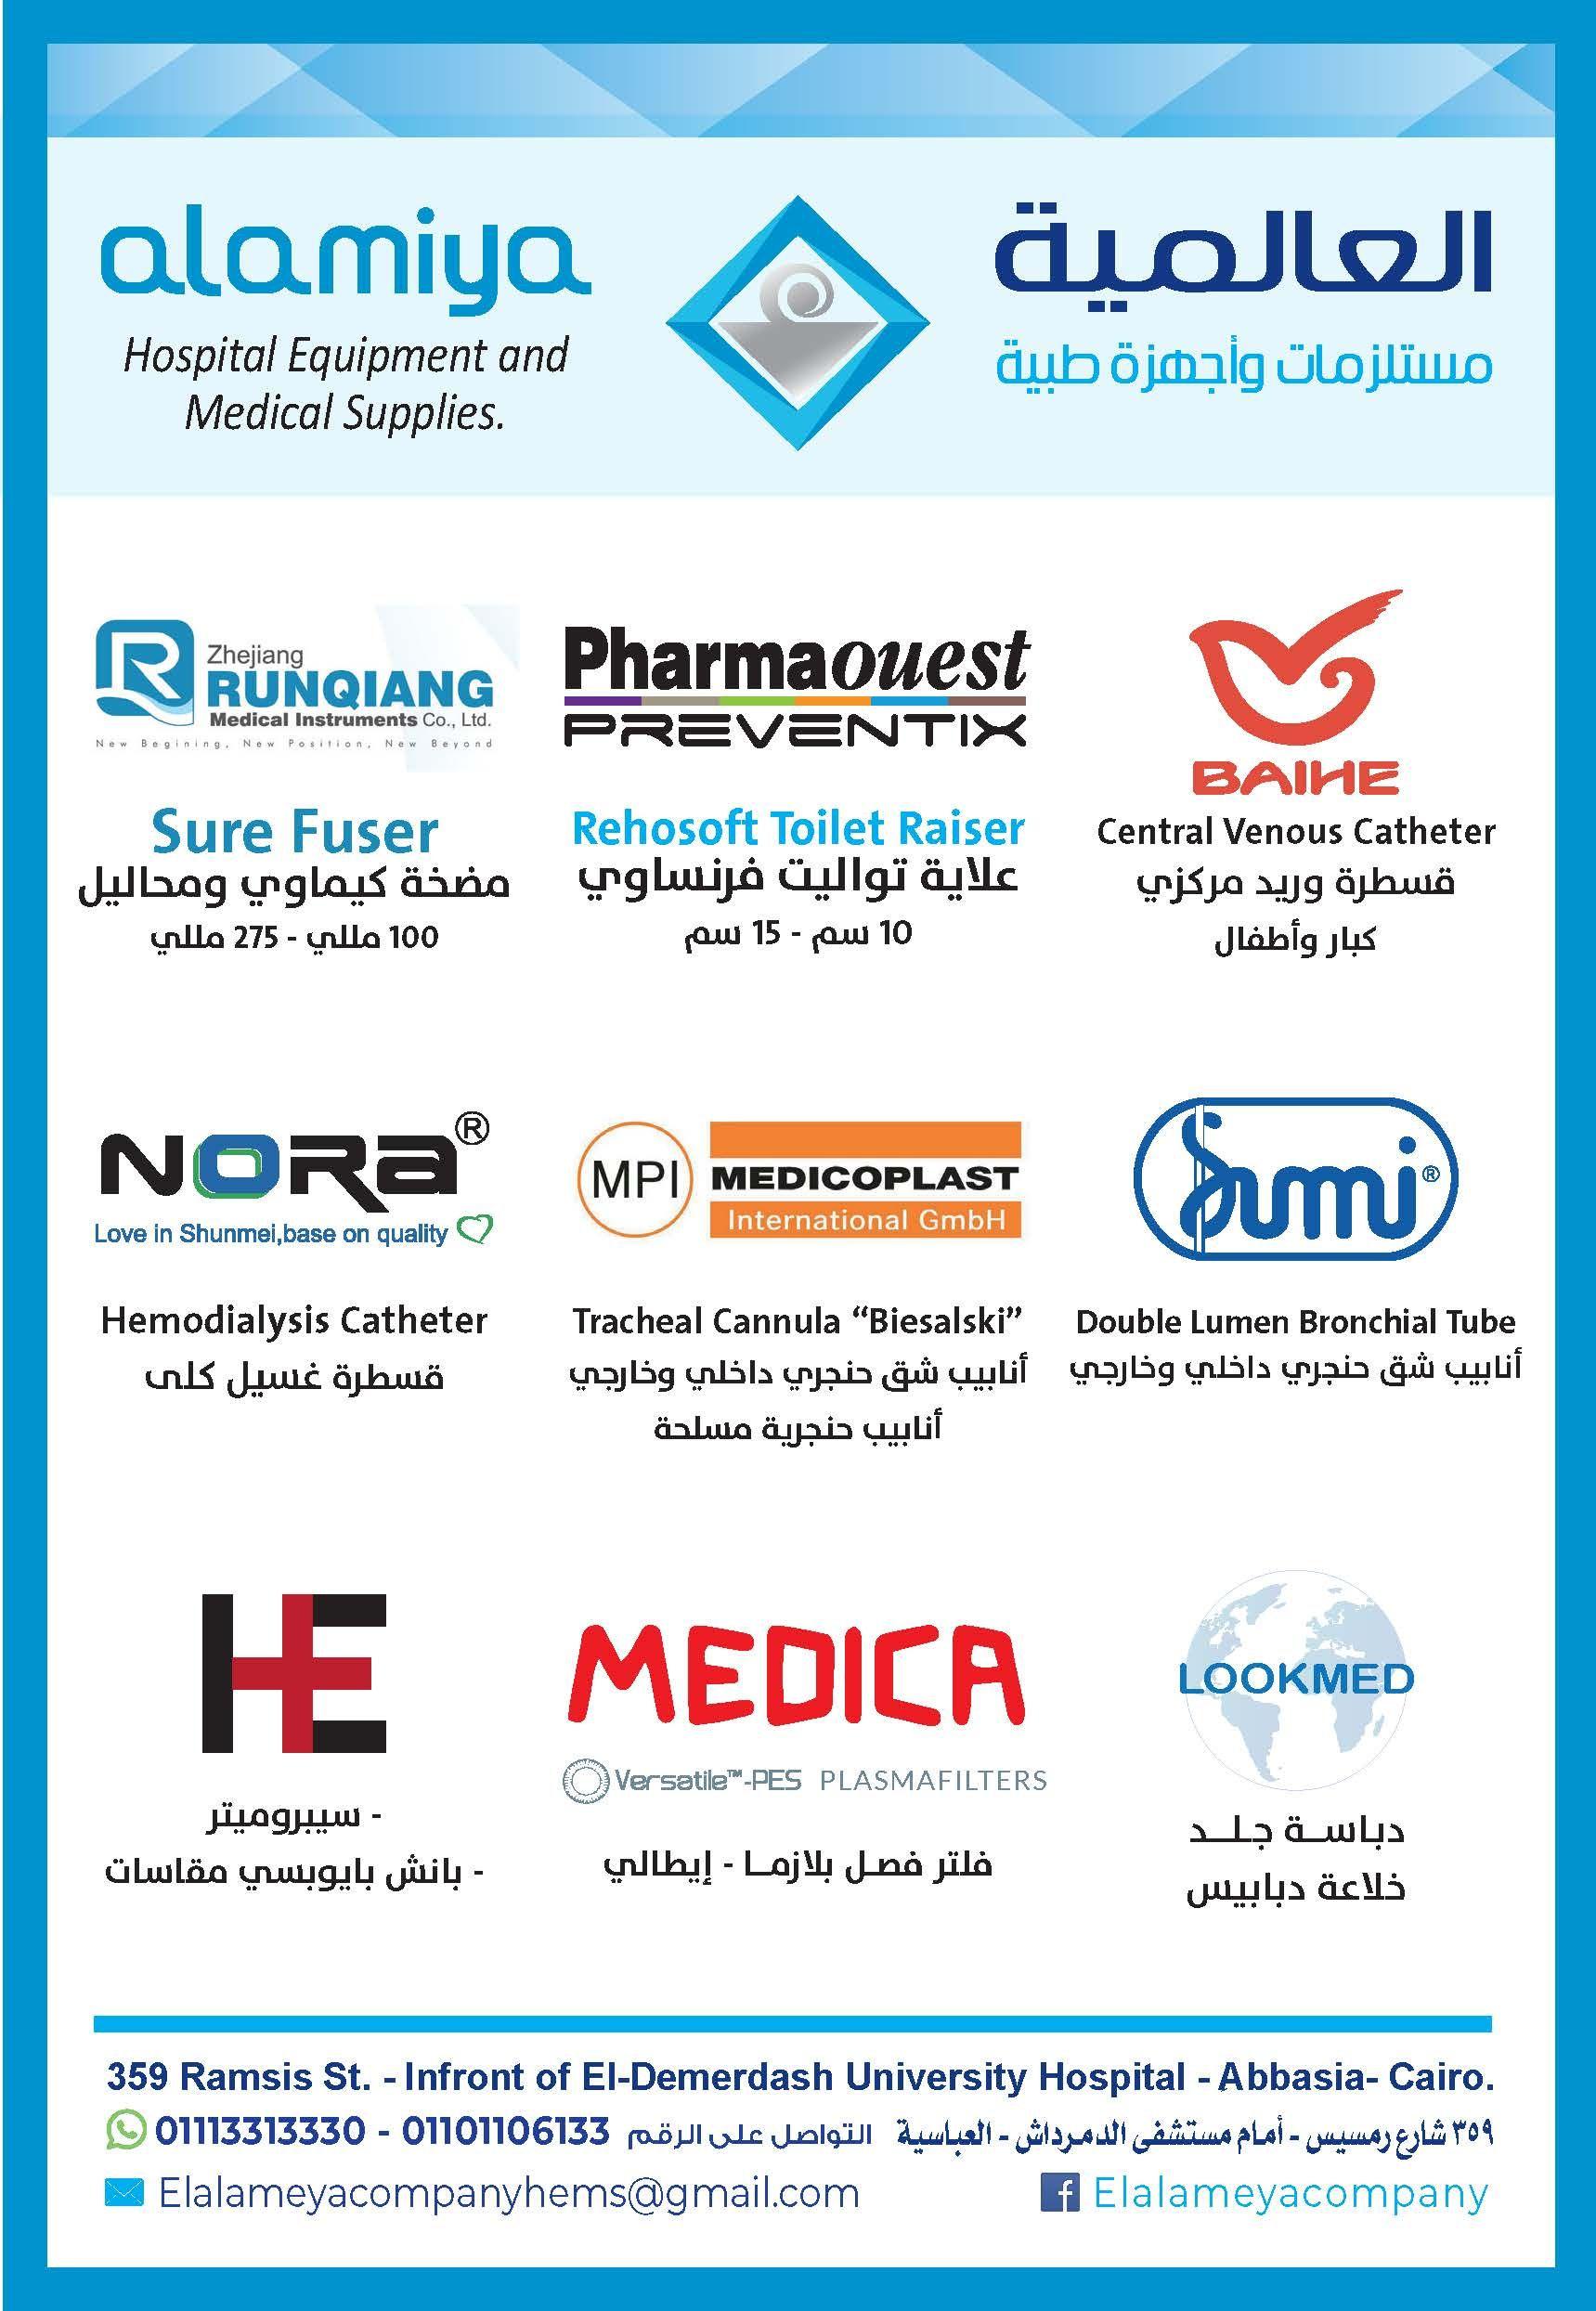 شركات طبية Central Venous Catheter Medical Supplies Medical Instruments